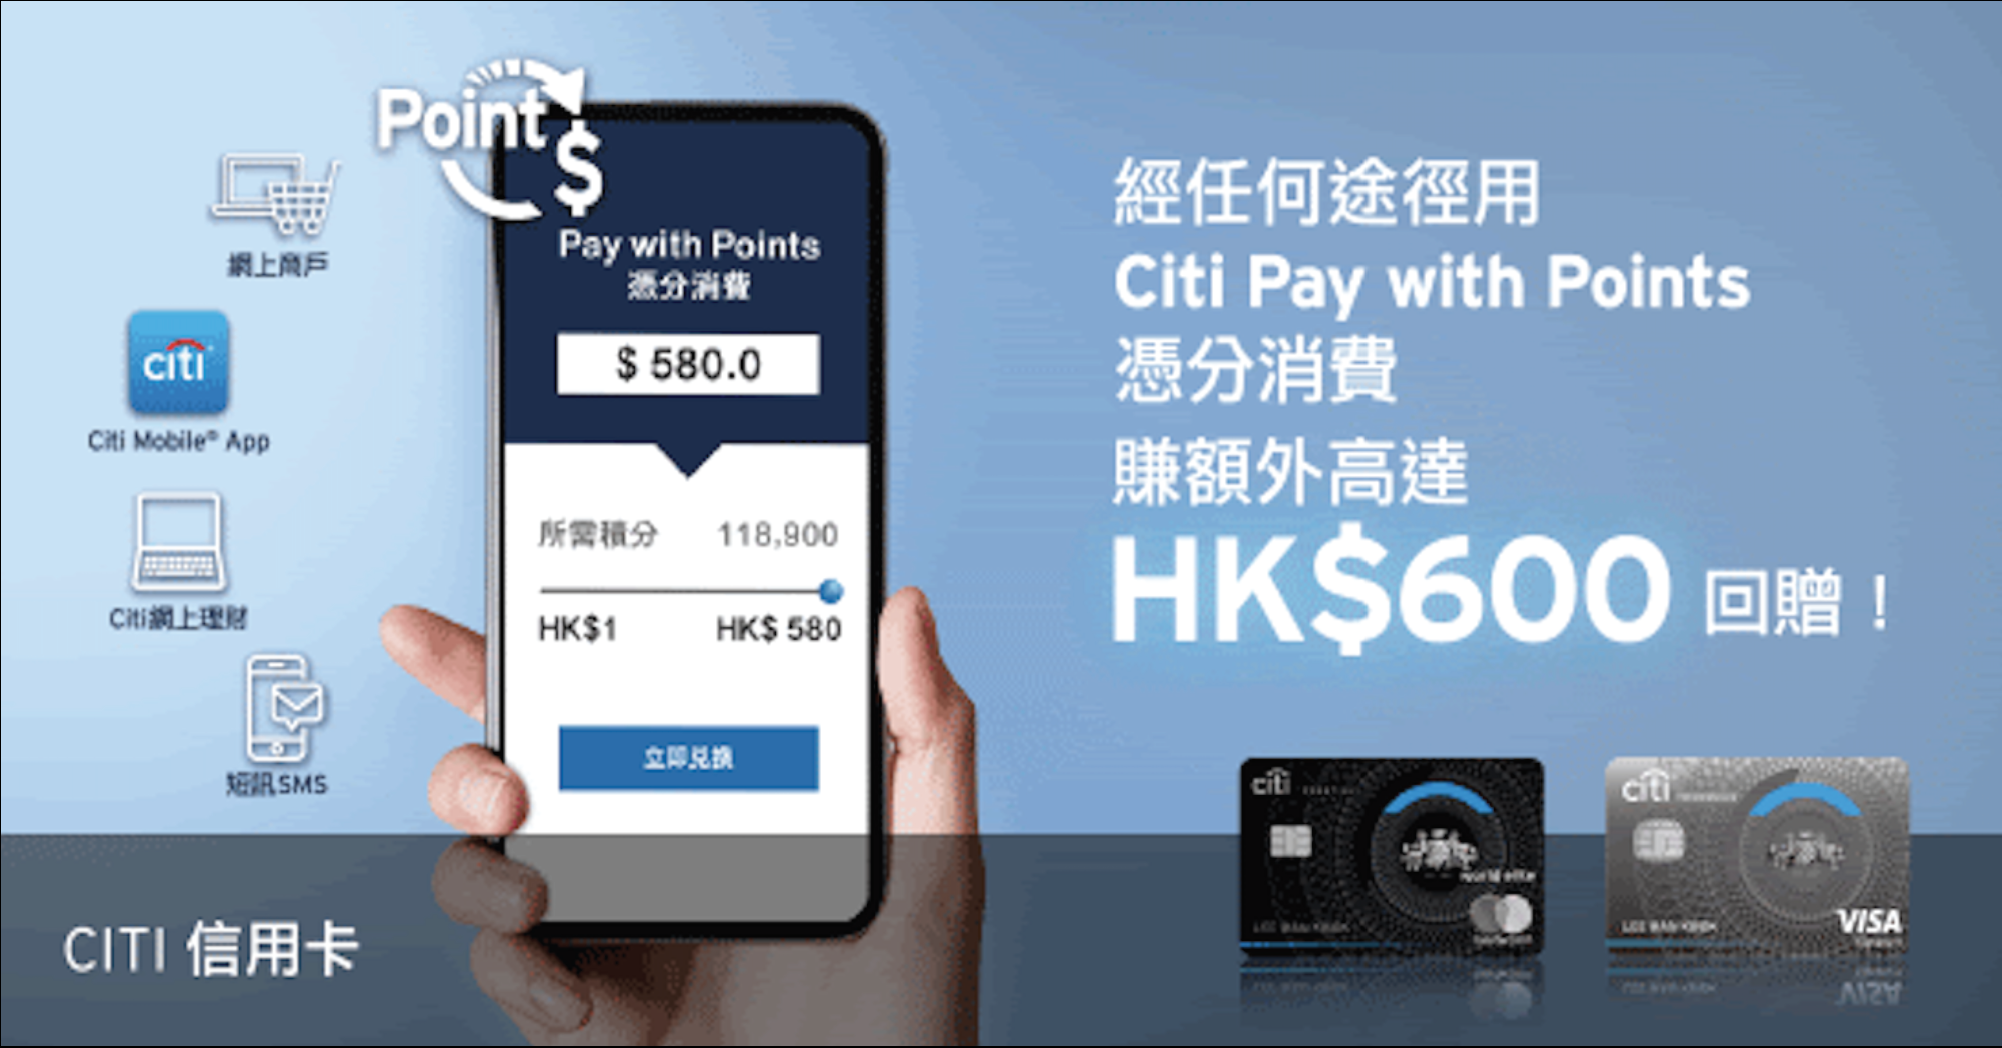 Citi信用卡憑分消費賺取高達 HK$600 額外現金回贈優惠